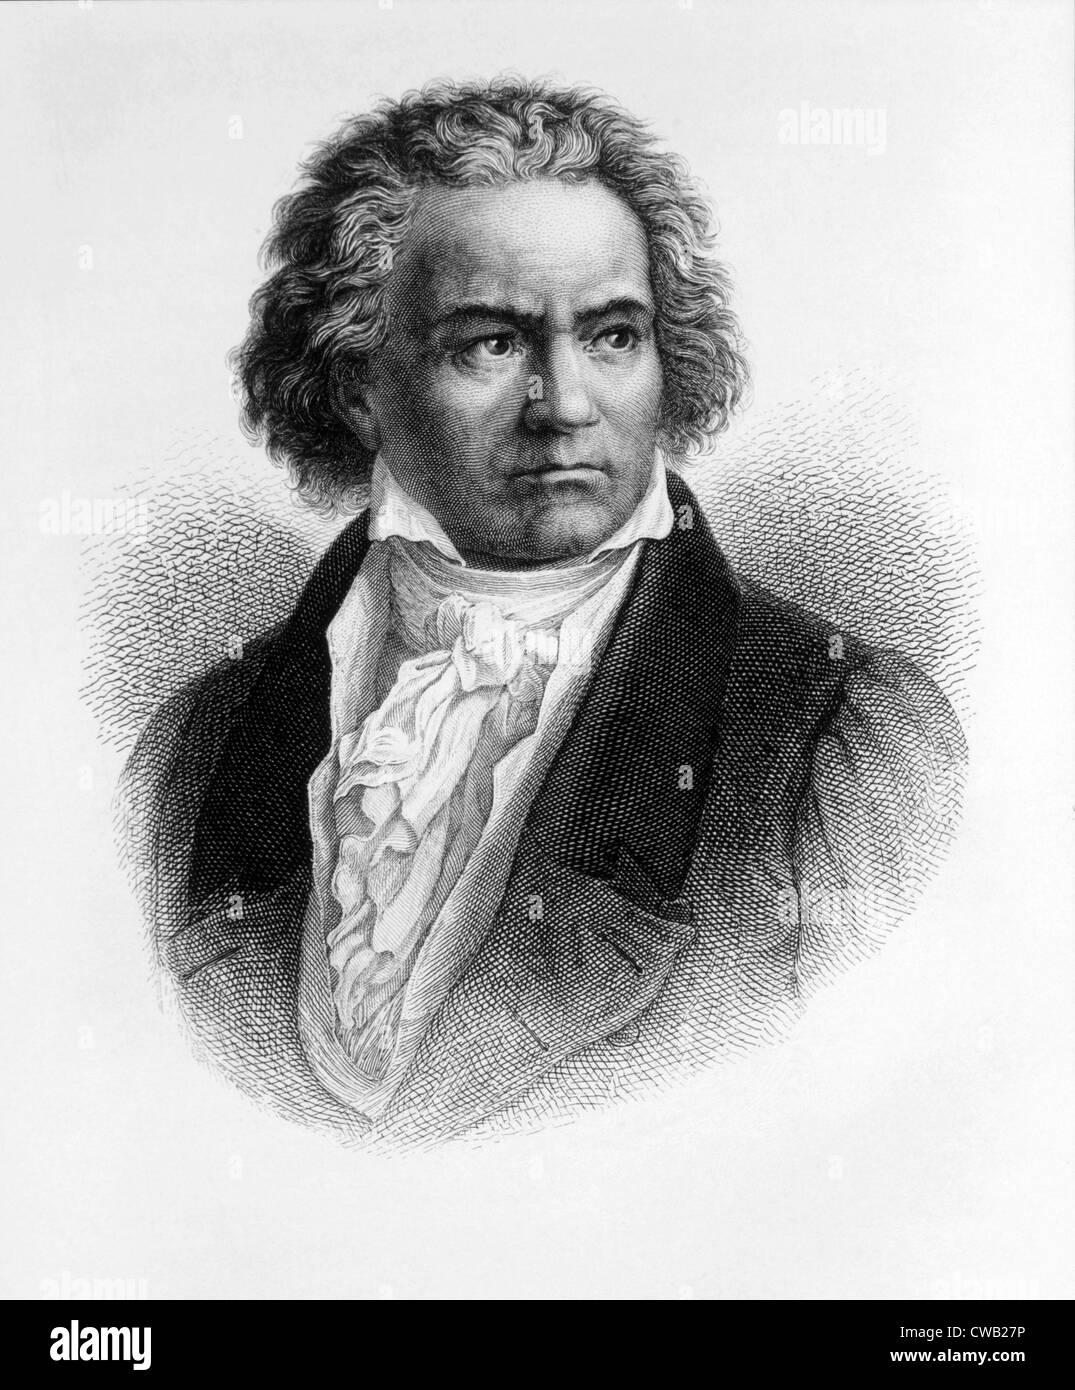 Ludwig van Beethoven (1770-1827) - Stock Image